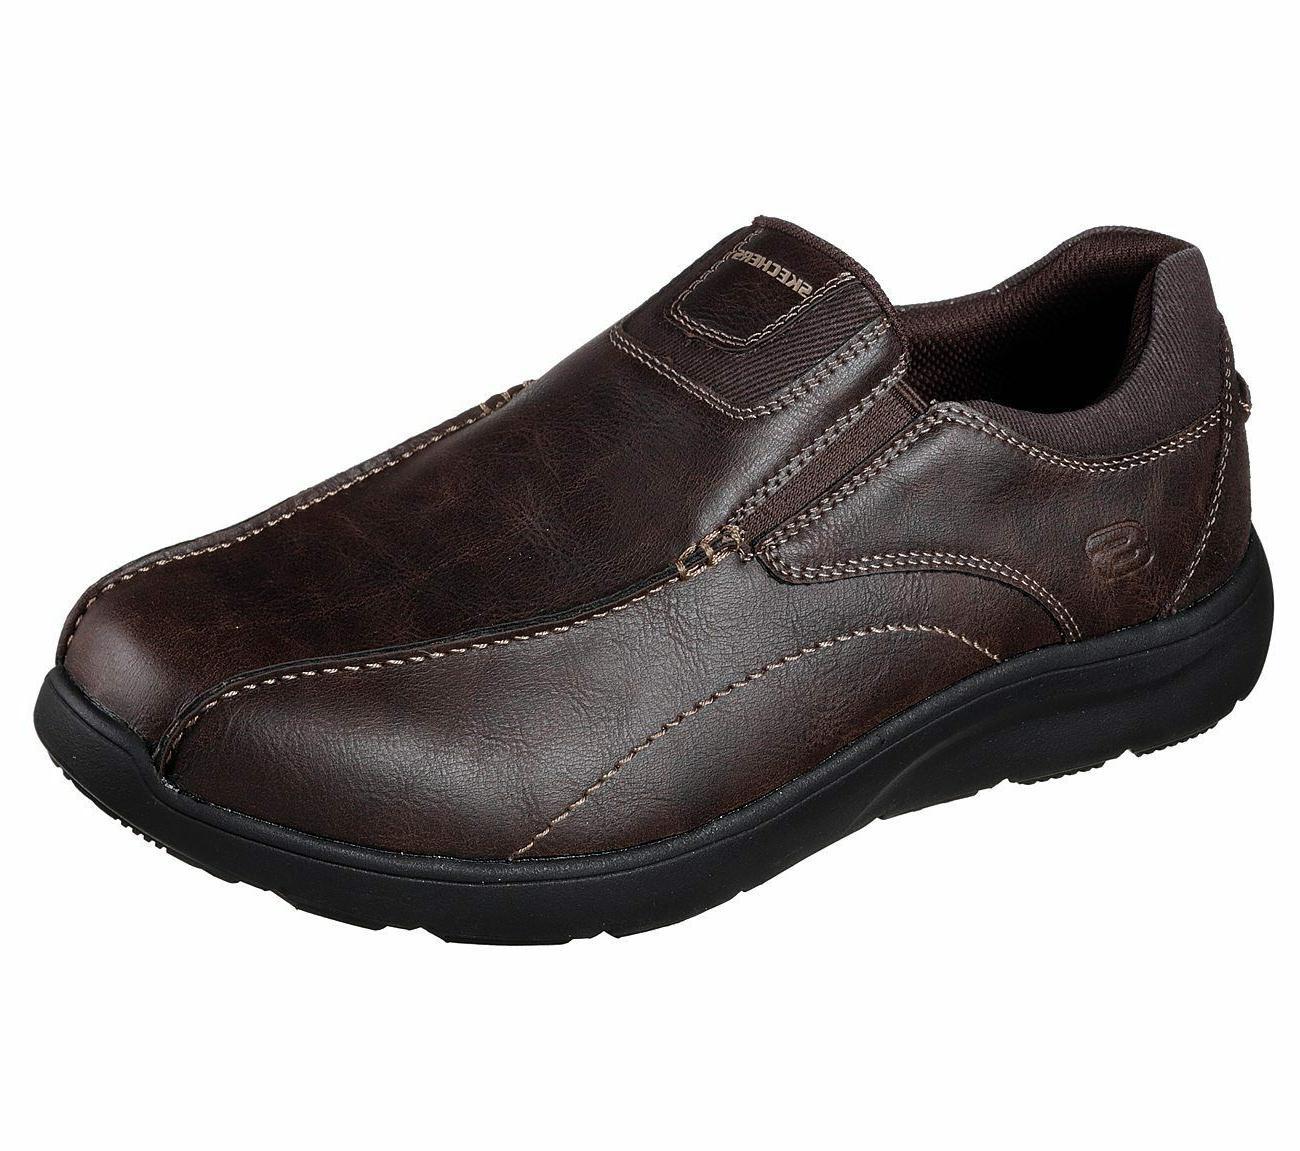 65328 Brown Skechers shoes Men Memory Foam Dress Casual Comf